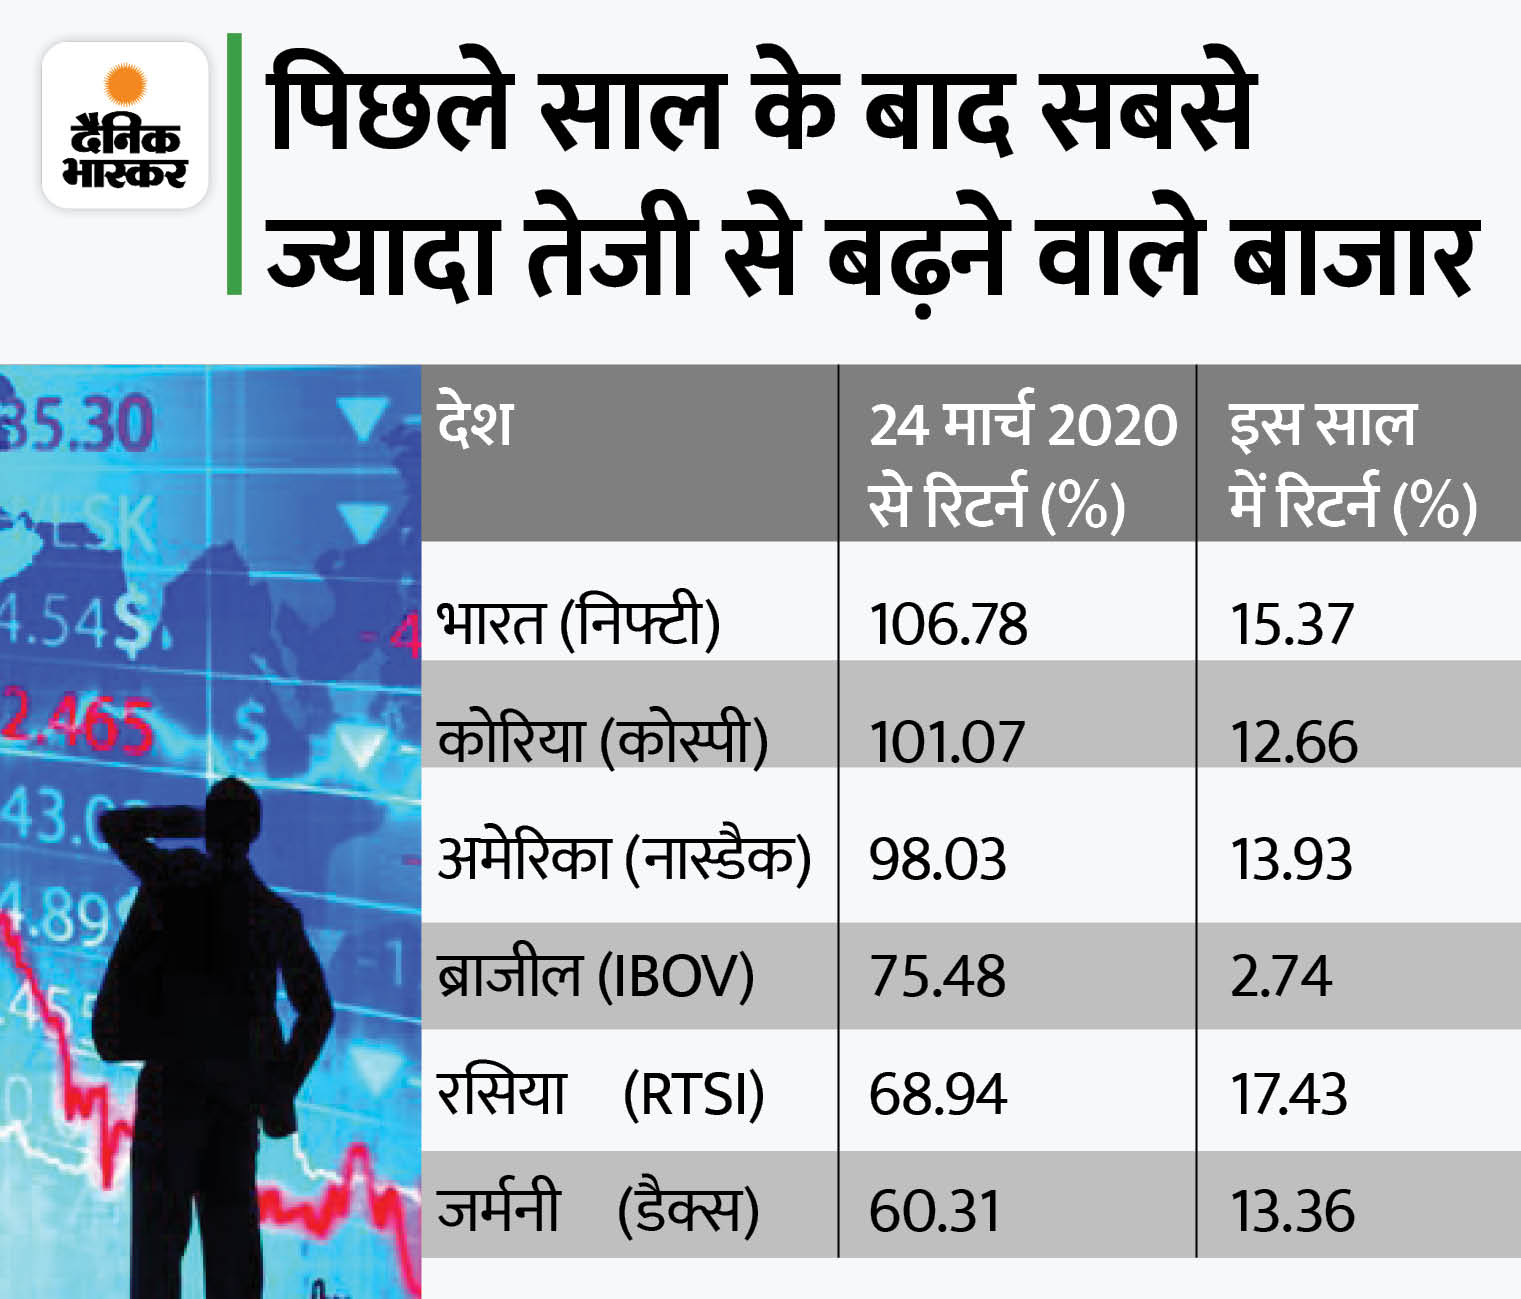 दुनिया के शेयर बाजारों में सबसे आगे भारतीय बाजार, निफ्टी ने 16 महीने में 106% का रिटर्न दिया बिजनेस,Business - Dainik Bhaskar